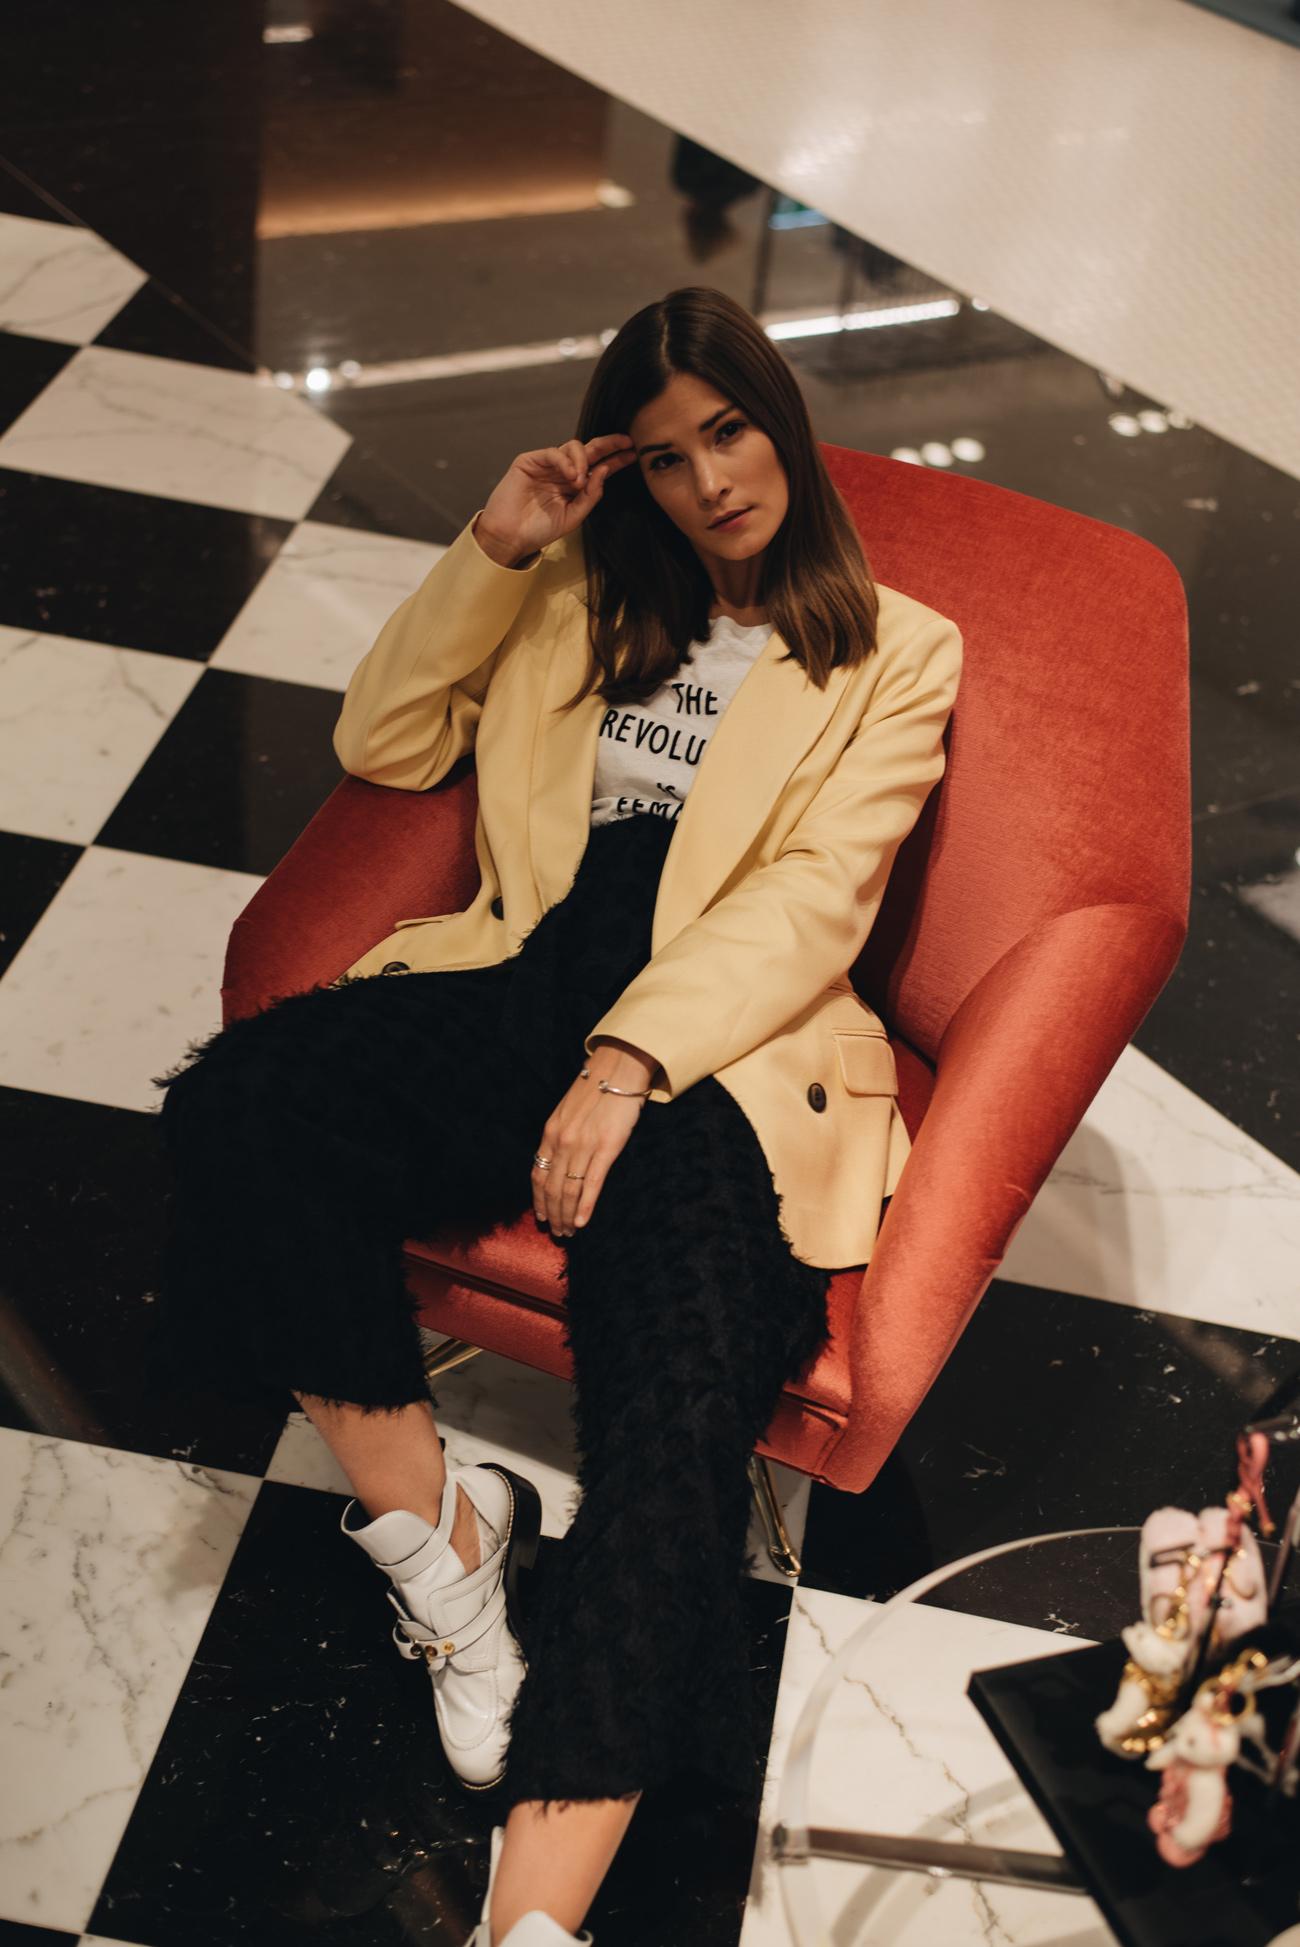 übersicht-Fashion-trends-2018-farbtrends-mustertrends-schnitttrends-modetrends-fashiioncarpet-nina-schwichtenberg